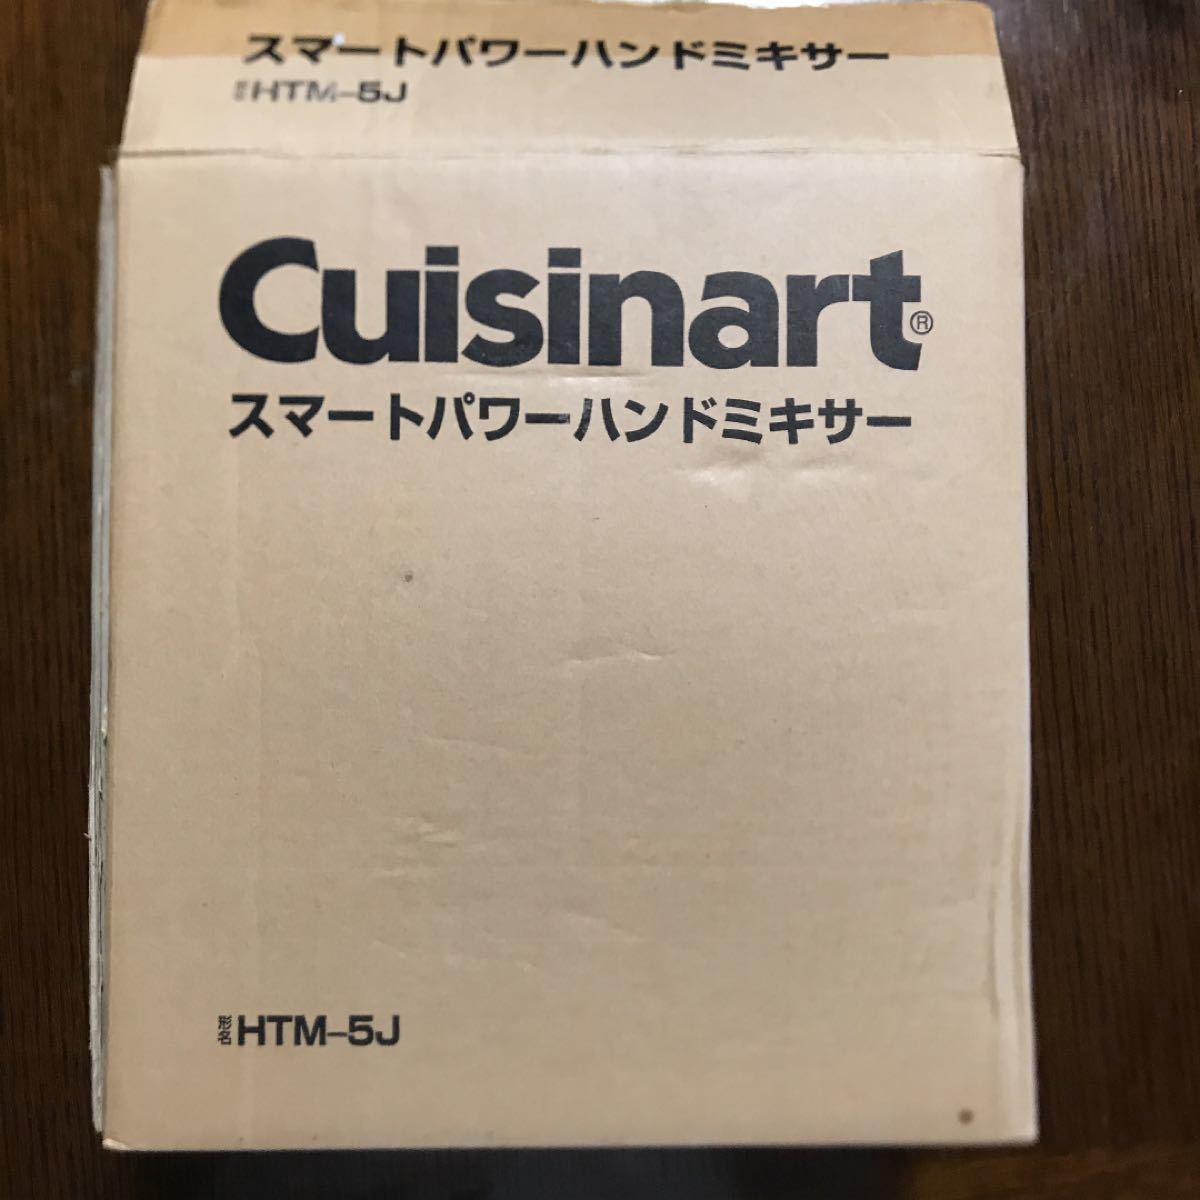 クイジナート Cuisinart HTM-5J  ハンドミキサー スマートパワー